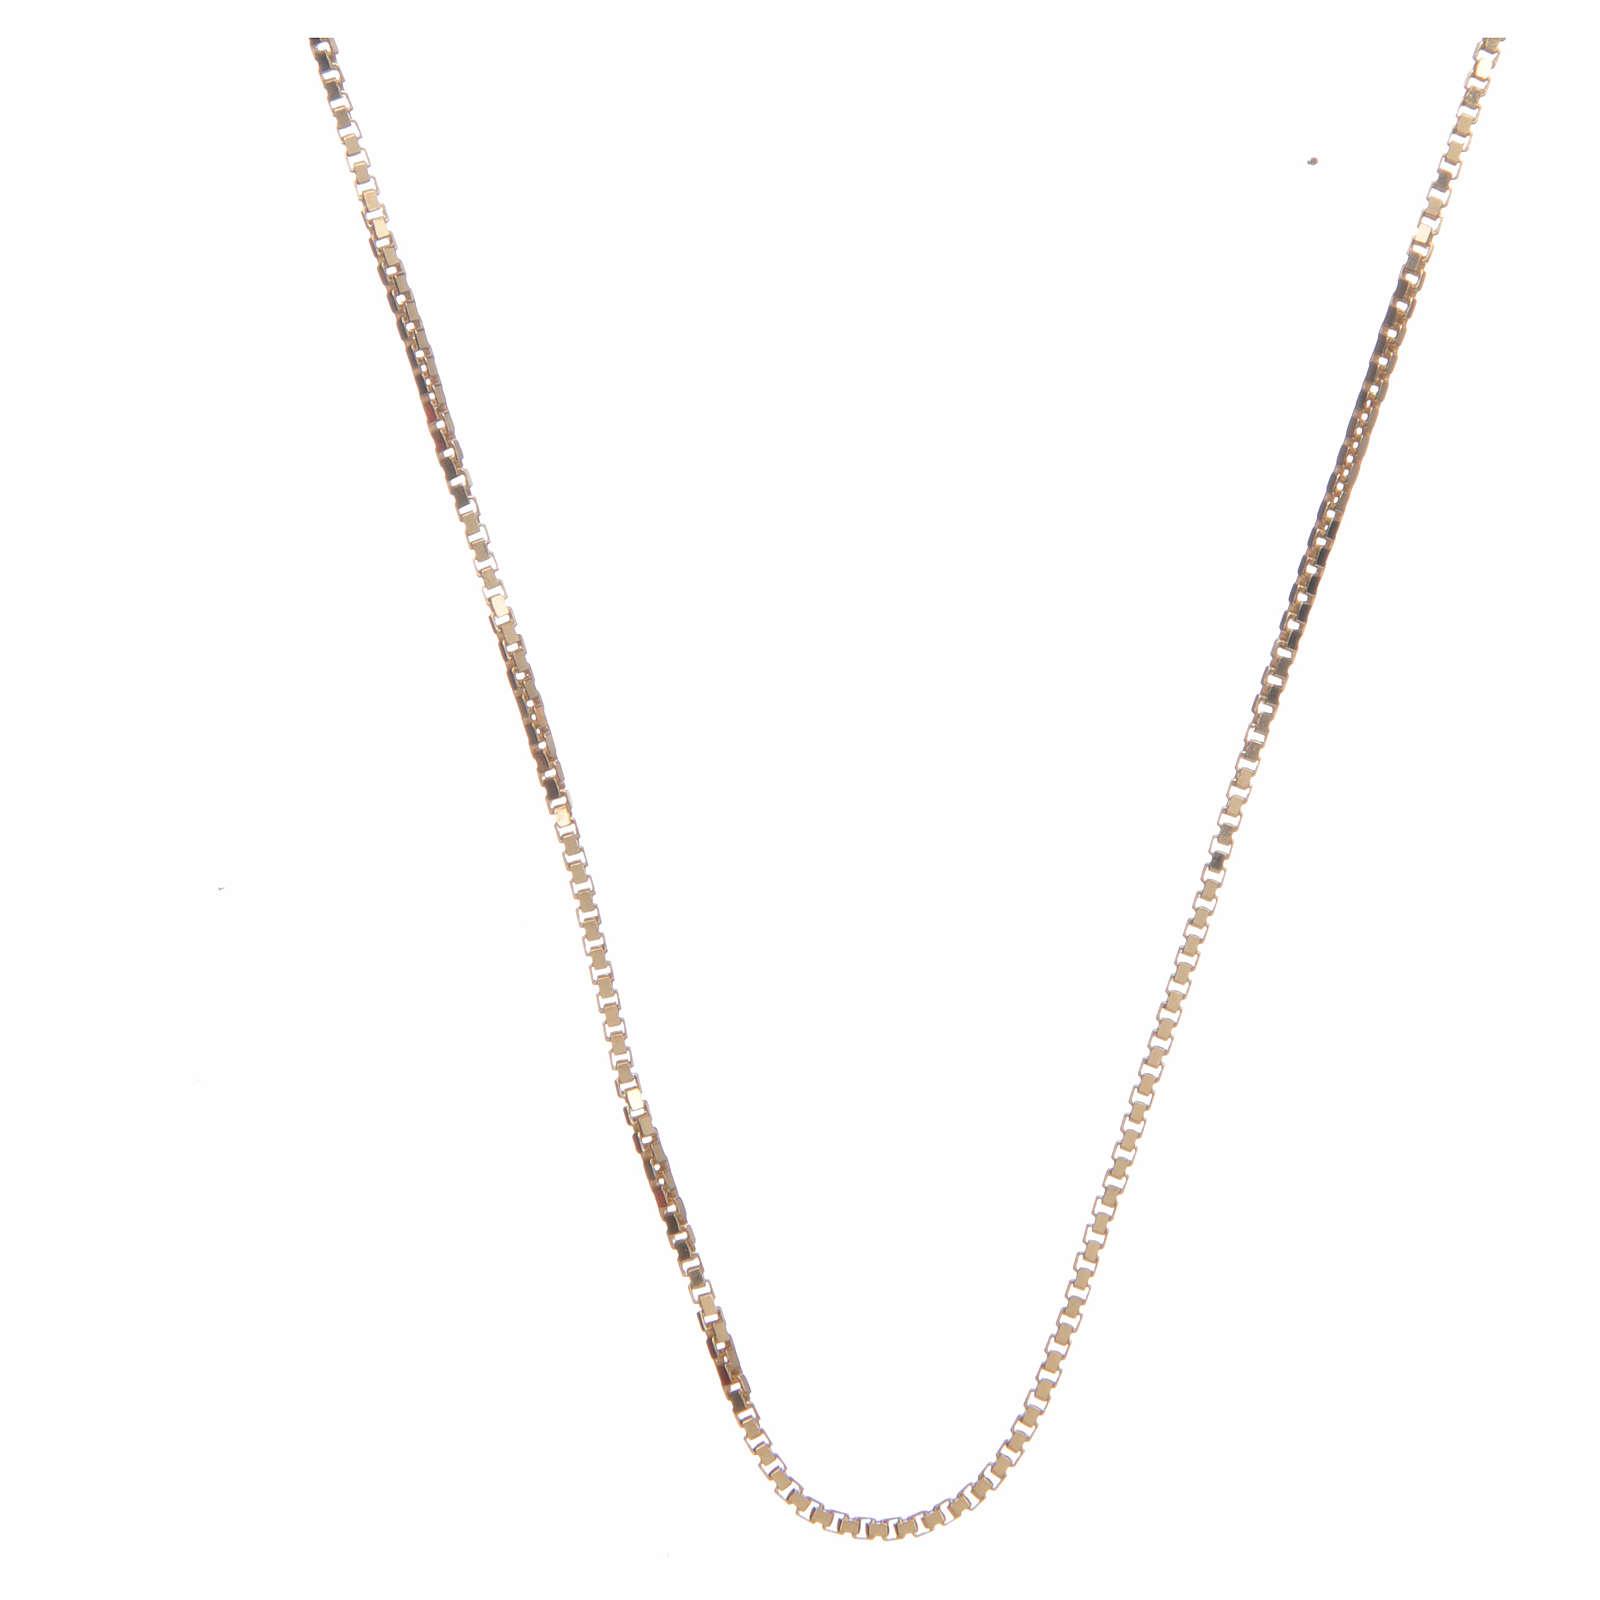 Cadena véneta plata 925 dorada 65 cm 4